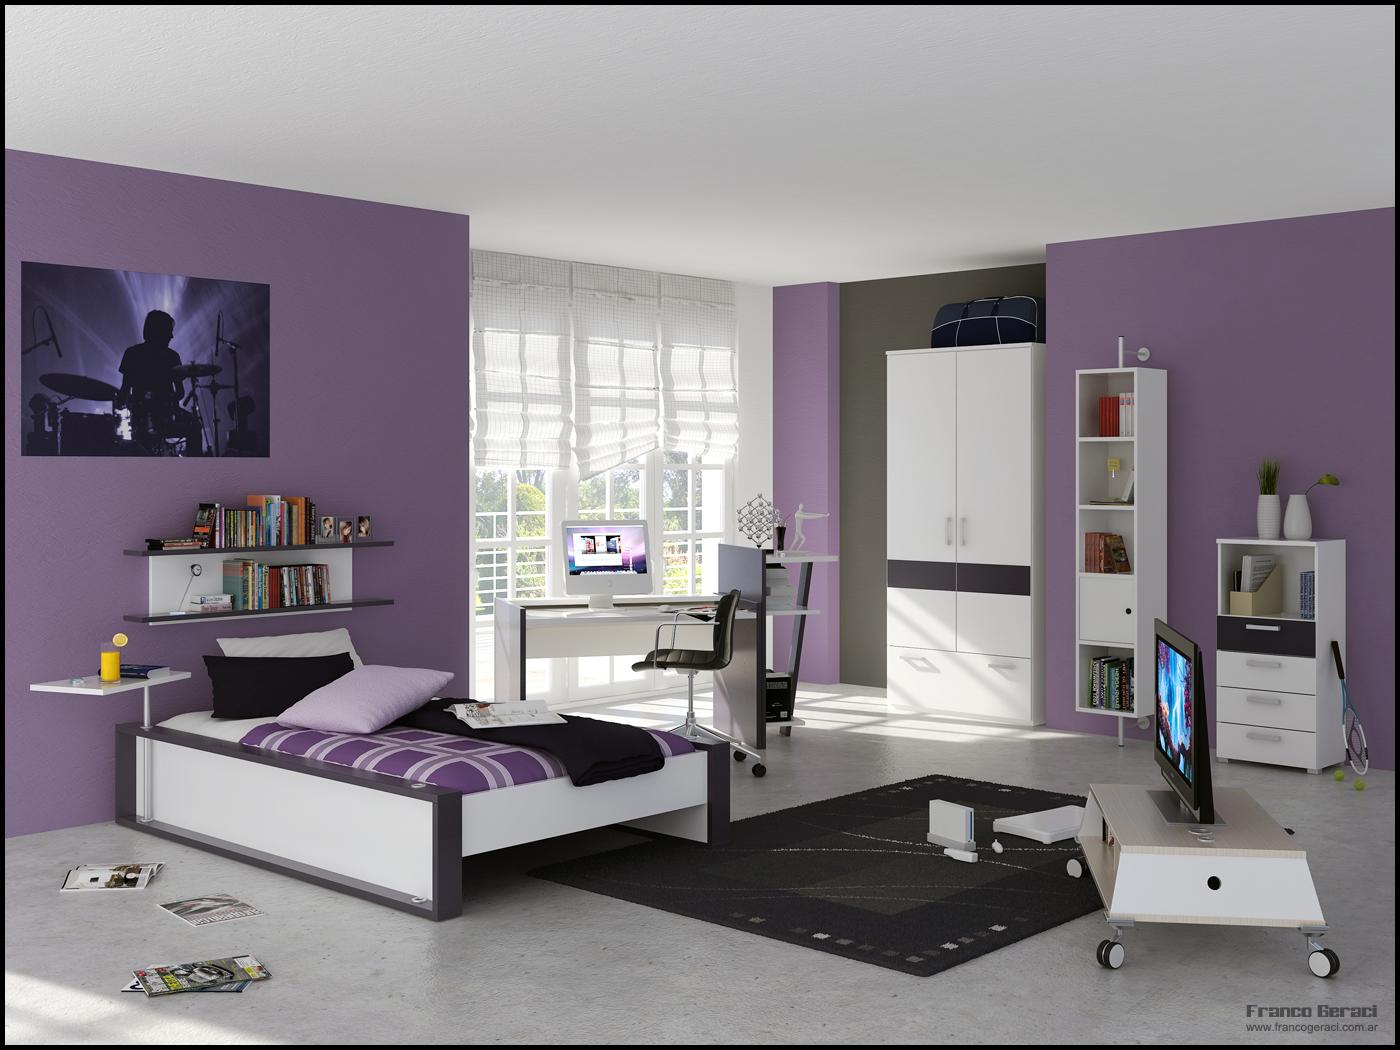 Bedroom Interior 3ds Max Scenes